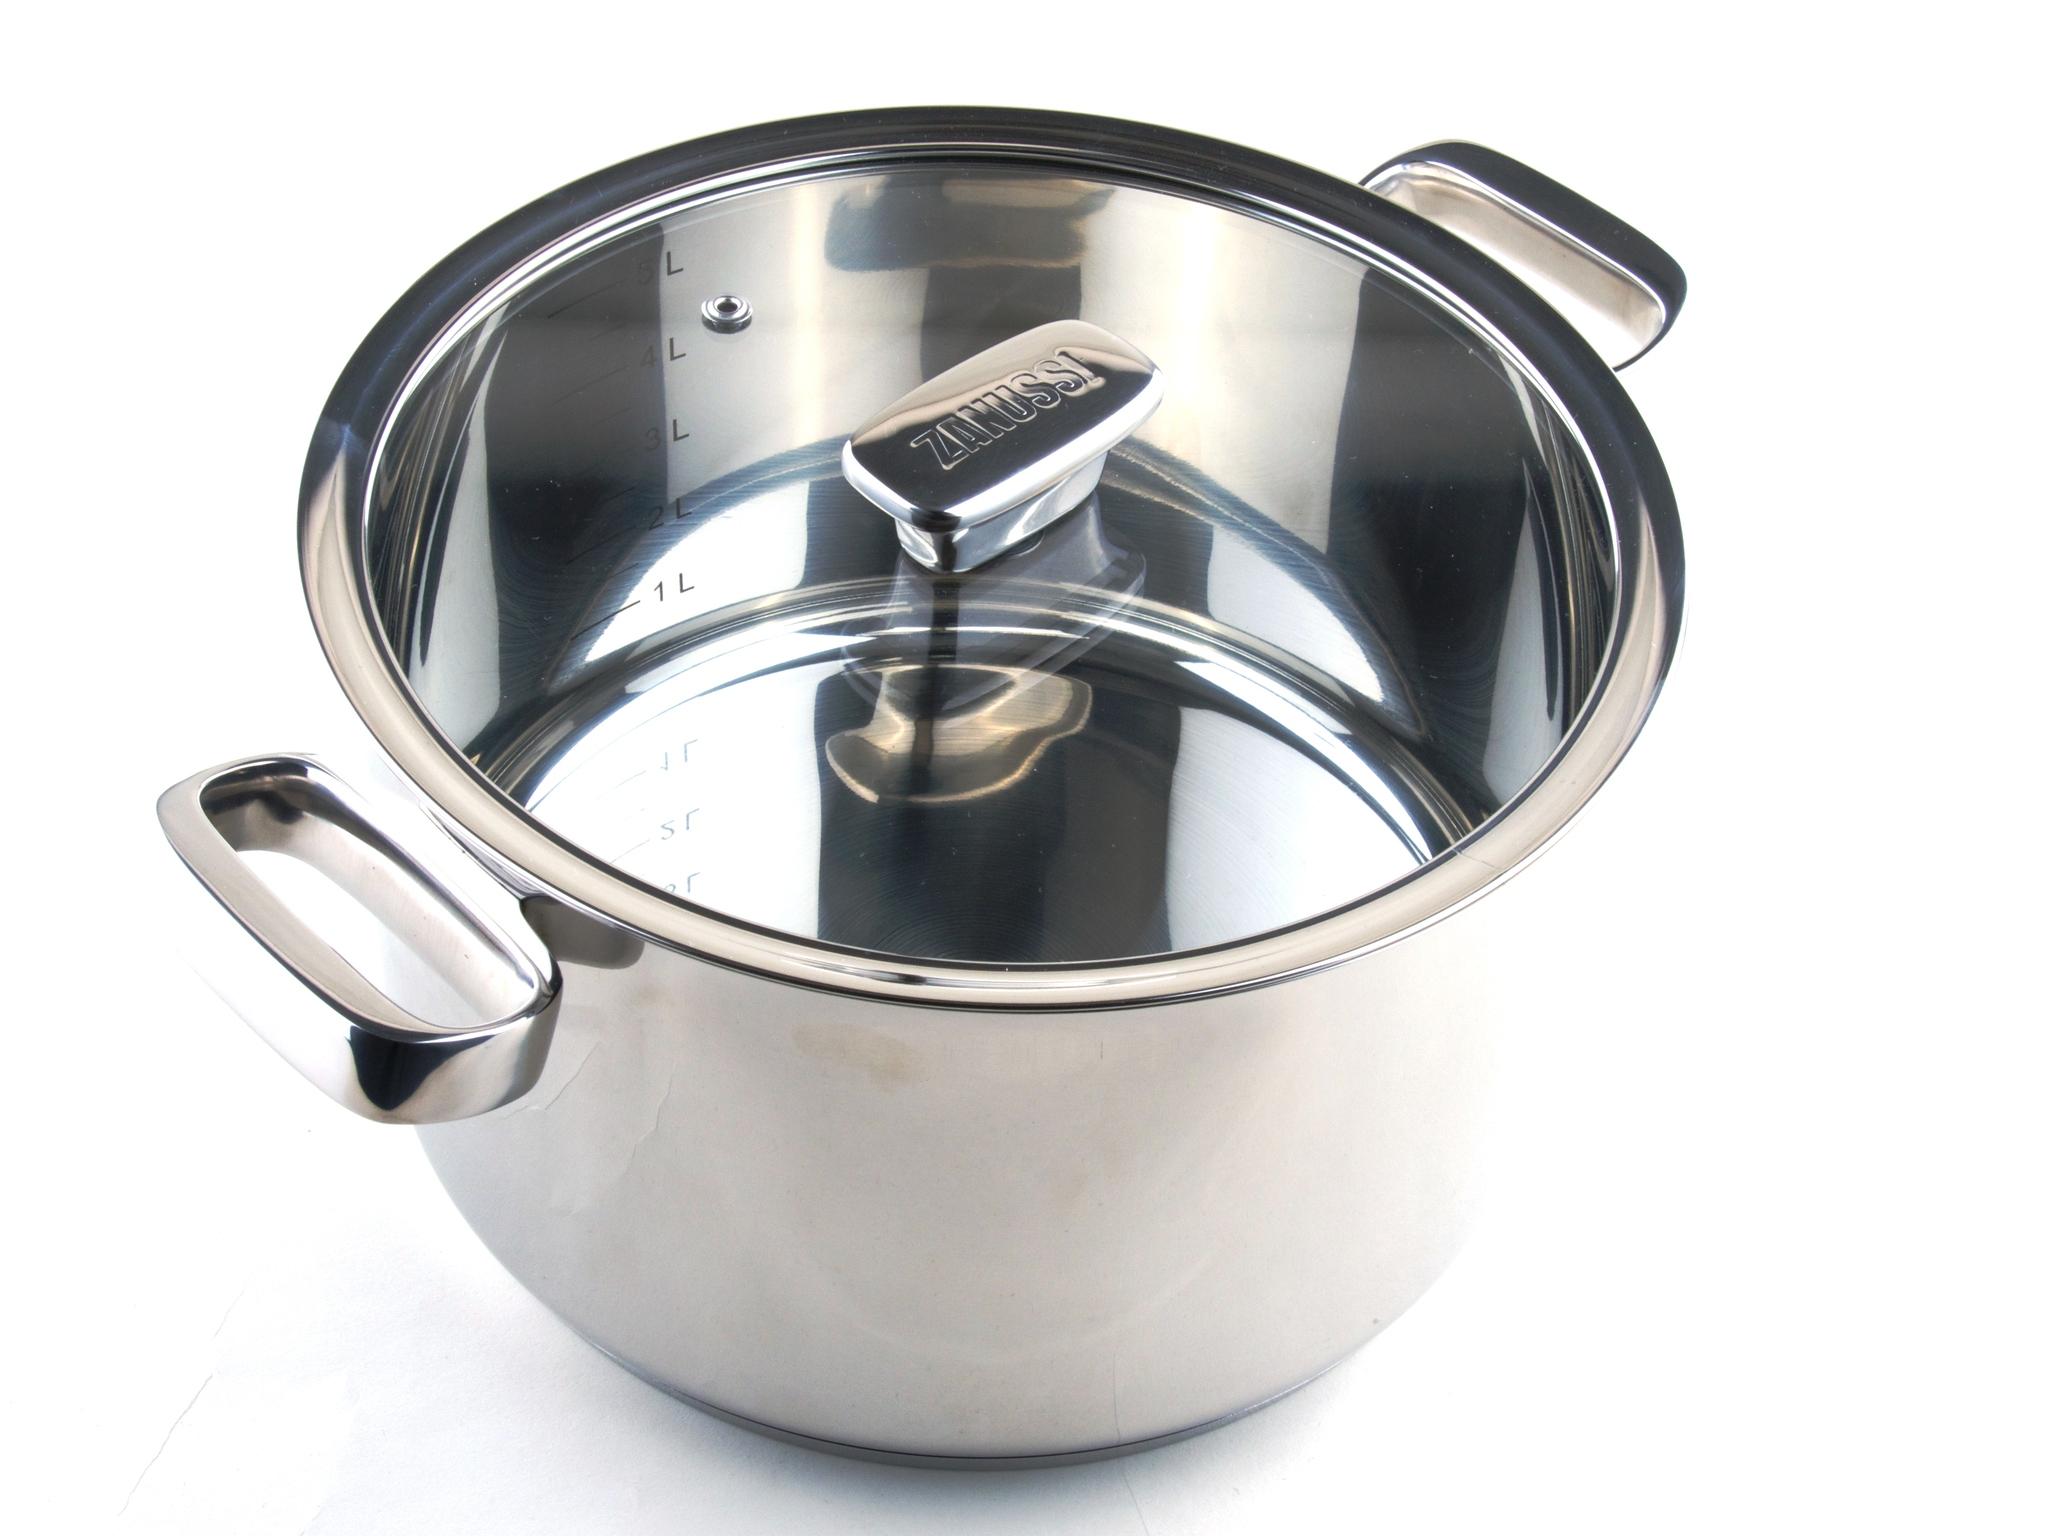 посуда Zanussi